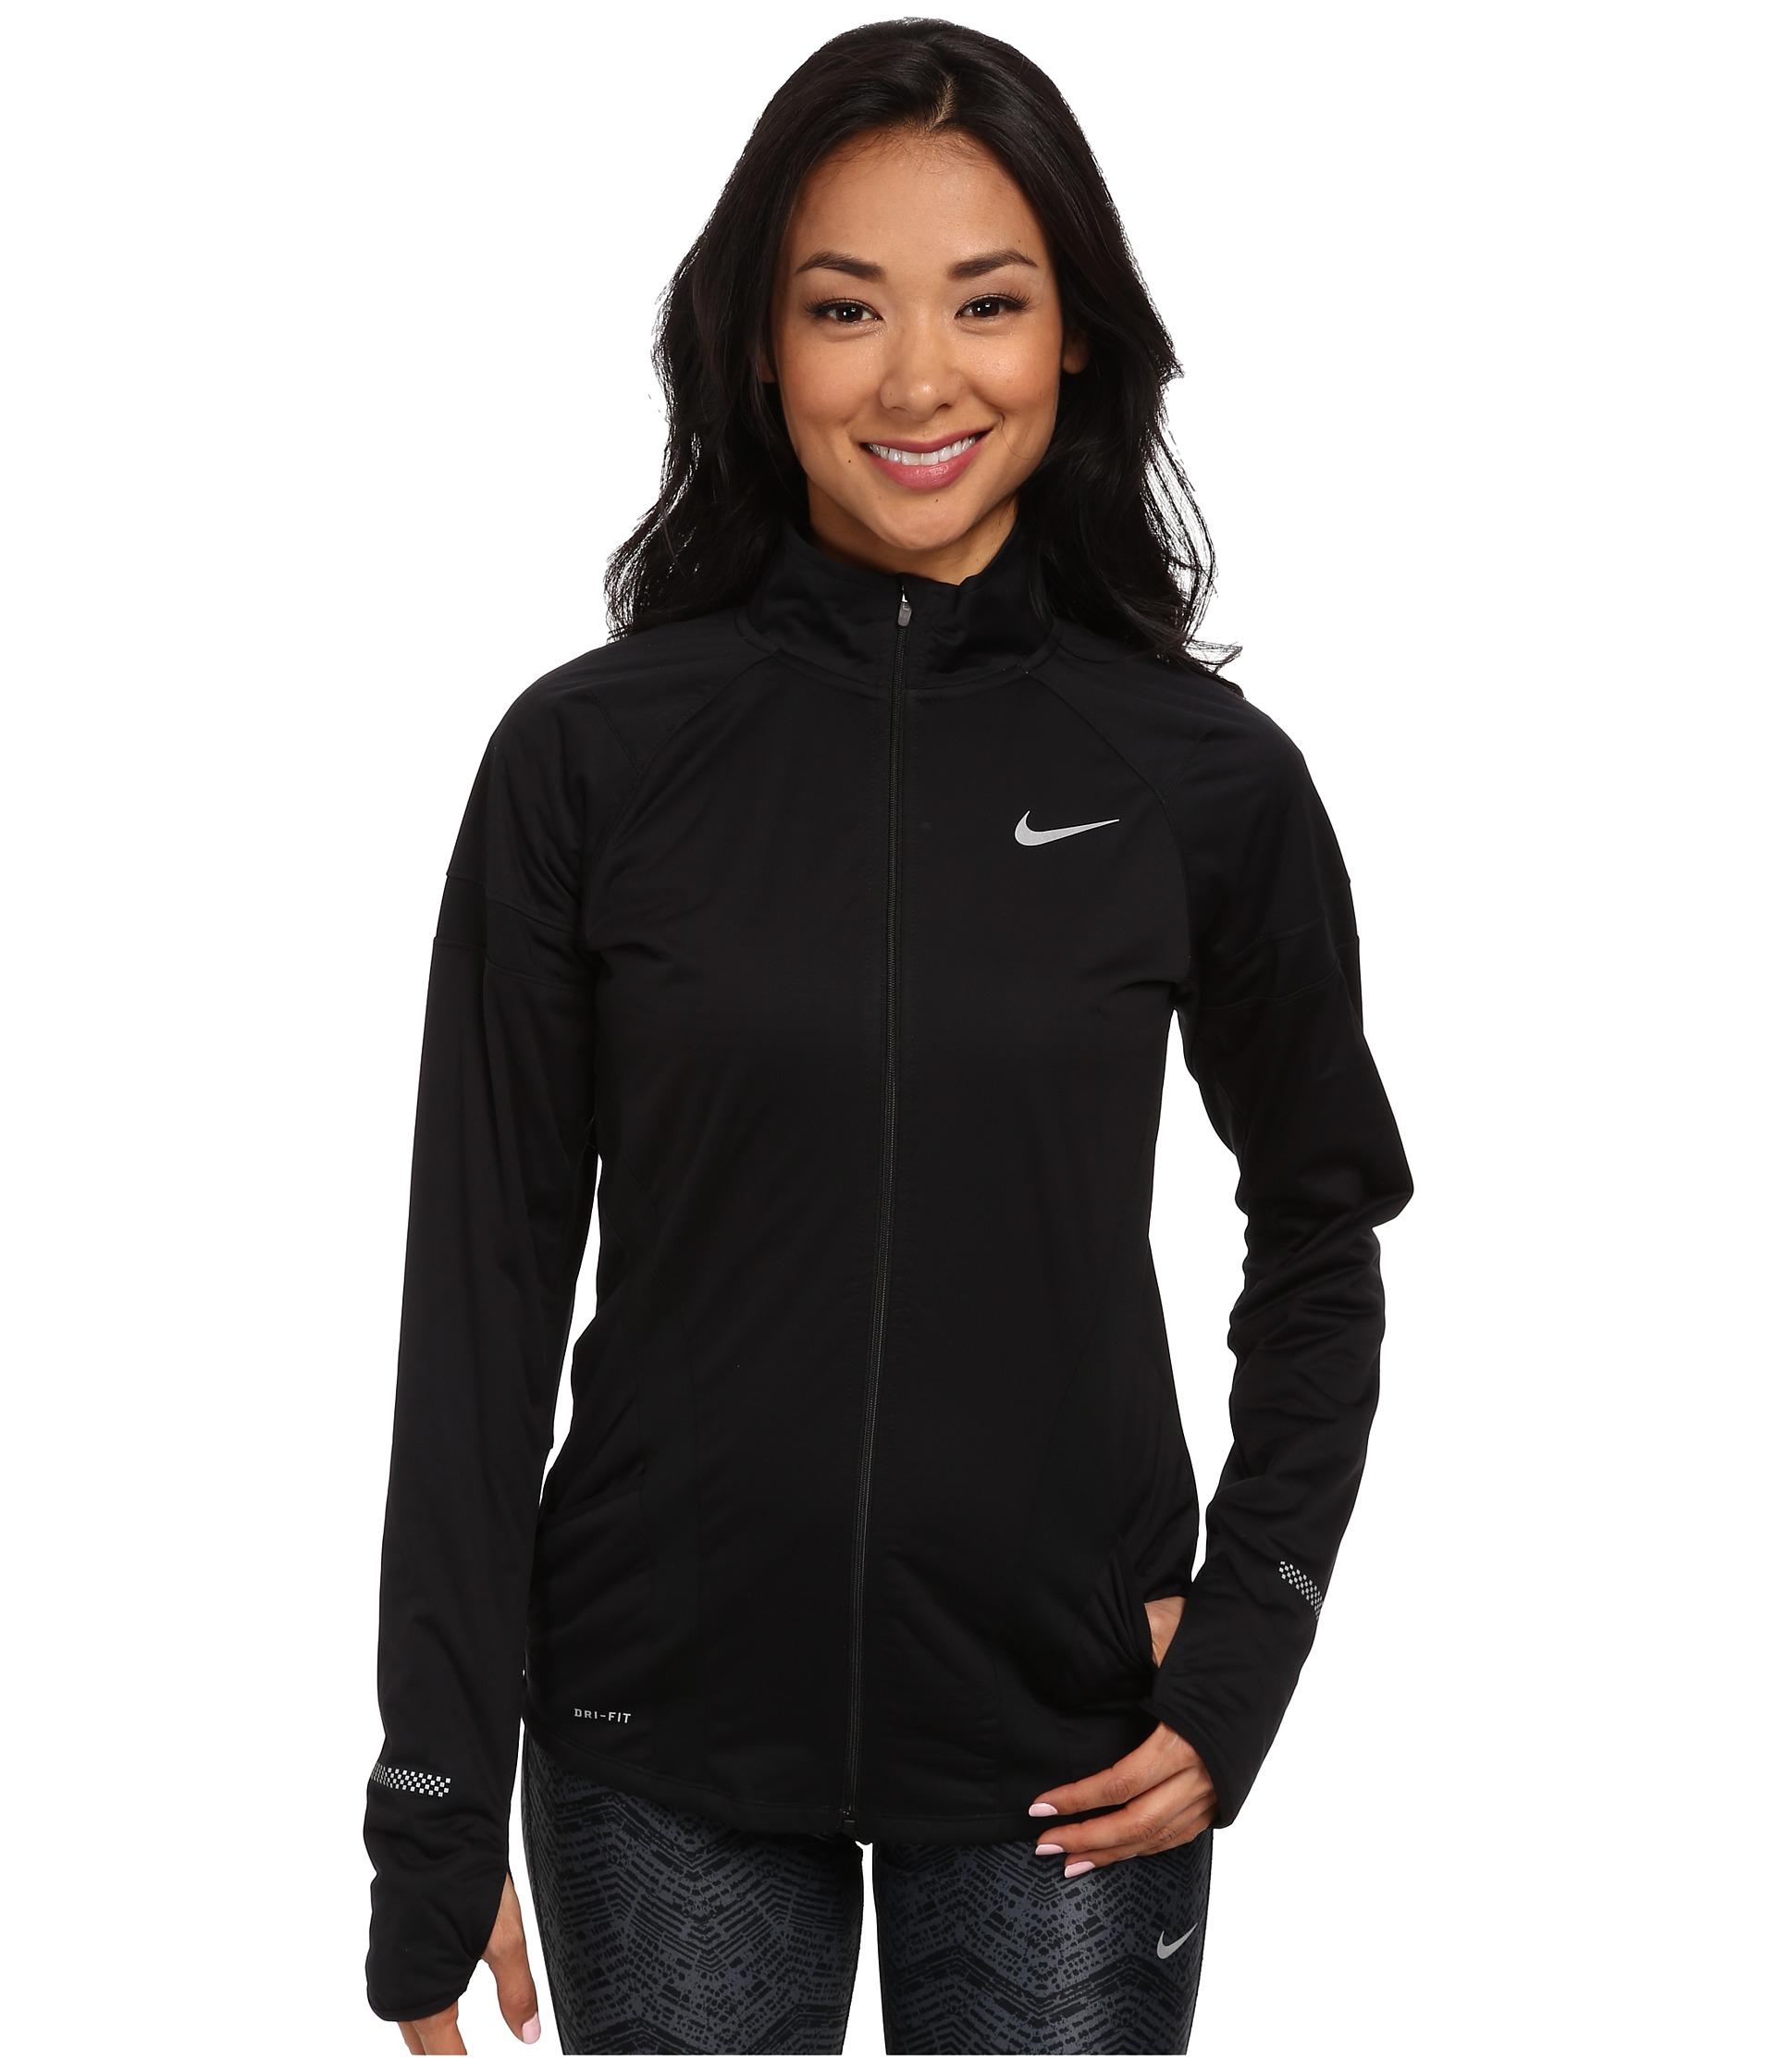 e8d0a2f47ace Lyst - Nike Element Shield Full-Zip Jacket in Black